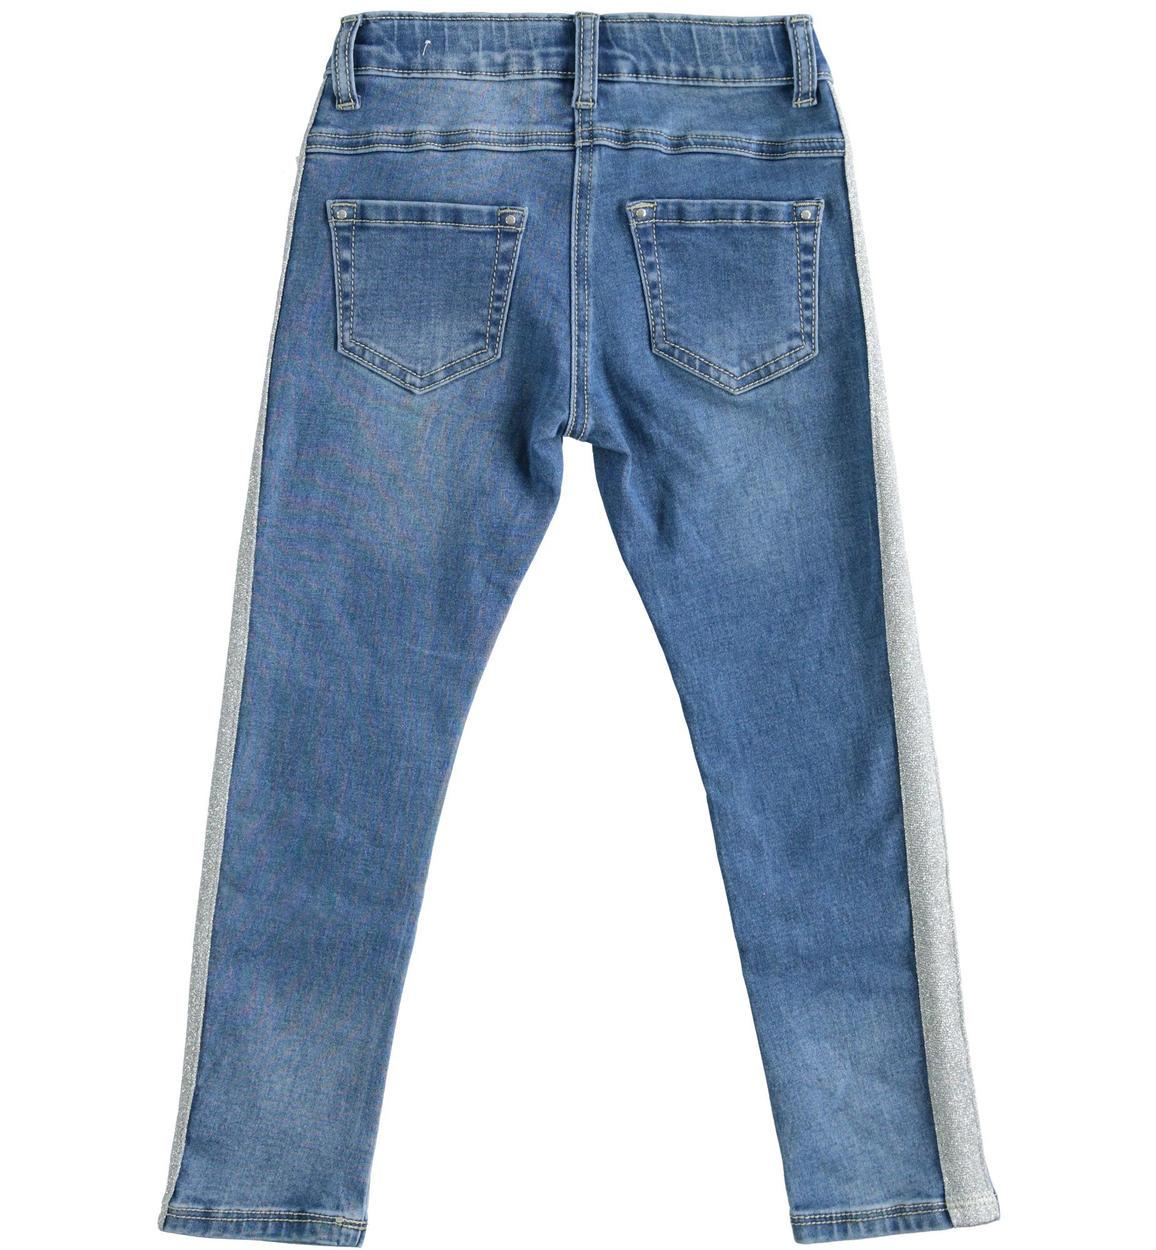 pantalone in denim di cotone stretch per stone washed chiaro dettaglio 03 2564j52900 7400 150x150